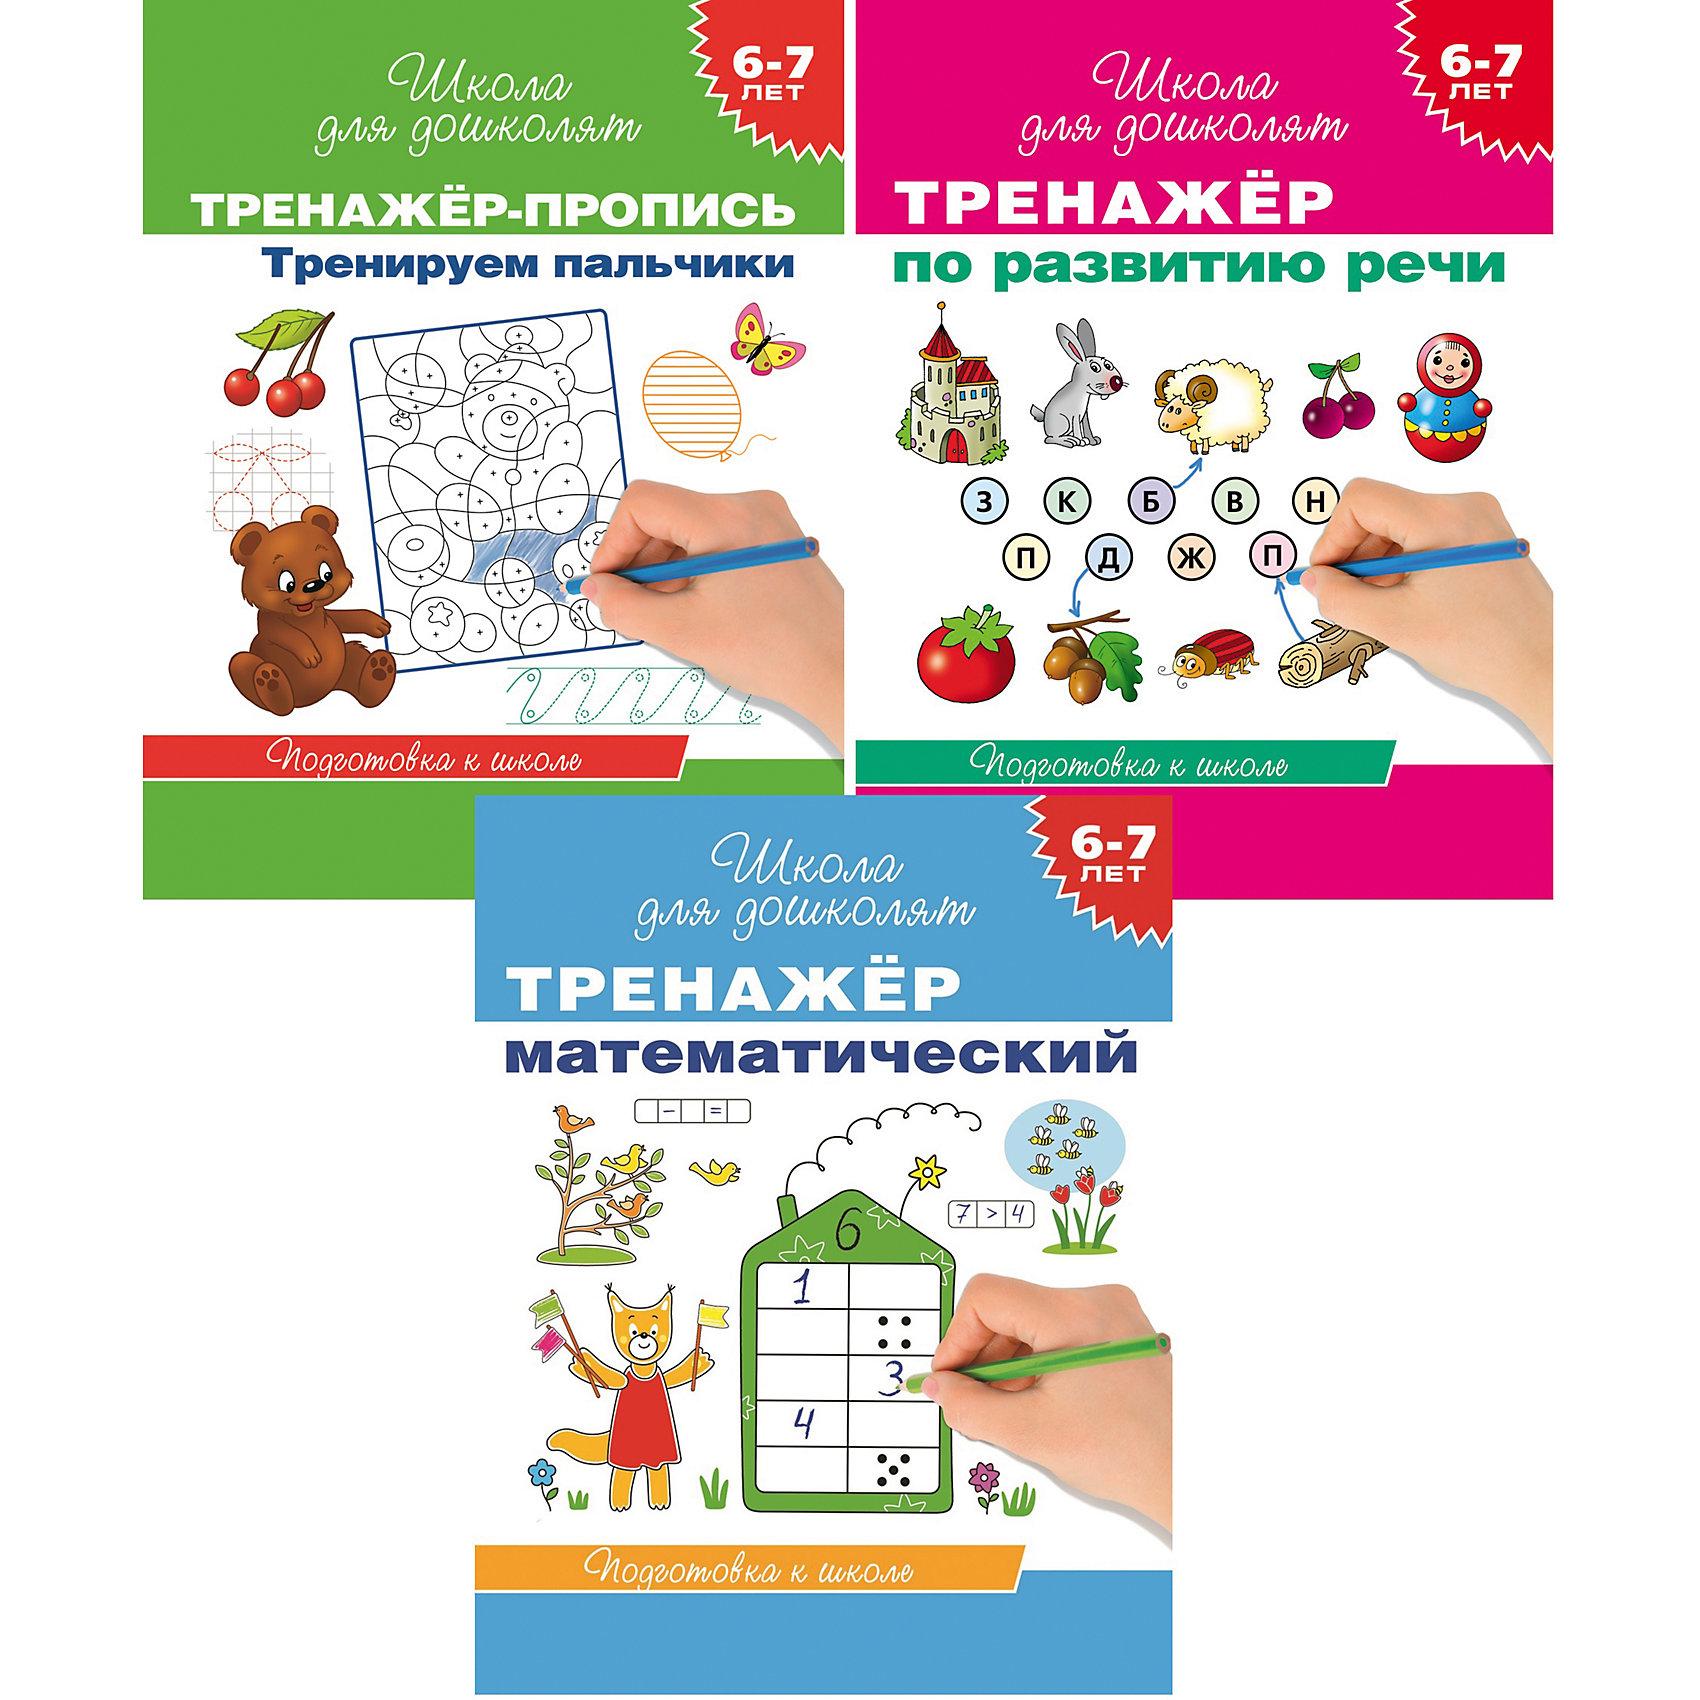 Комплект Школа для дошколят, ТренажерыРосмэн<br>Серия Школа для дошколят популярна в дошкольных общеобразовательных учреждениях, на курсах подготовки к школе, в начальных классах школы. Авторы книг - квалифицированные педагоги и детские психологи. Комплект Тренажеры можно использовать, как на групповых занятиях в детских садах и в начальной школе, так и для индивидуальной работы с детьми.<br><br>В комплект «Тренажеры» входит: <br><br>1) Тренажер-пропись, предназначенный для подготовки к письму. В книге представлены графические упражнения по ориентировке руки на бумаге, дорисовке, обводке, штриховке и раскрашиванию (64 стр.). <br>2) Тренажер, ориентированный на  развитие фонематического слуха, формирование грамматического строя речи, обогащение словарного запаса, развитие связной речи (96 стр.). <br>3) Тренажер, знакомящий с цифрами, числами и геометрическими фигурами, помогающий освоить прямой и обратный счет в пределах 20, познакомиться со счетом до 100 десятками, научиться складывать, вычитать, решать несложные примеры и задачи (96 стр.).<br><br> Дополнительная информация:<br><br>- размеры: ширина: 19.5 *25.5см<br>- жанры: развитие общих способностей<br>- комплектация: книга<br>- цвет: голубой, светло-коричневый, темно-бежевый<br>- состав: бумага<br>- страна бренда: Россия<br>- страна производитель: Россия<br><br>Комплект Школа для дошколят, Тренажеры можно купить в нашем интернет-магазине<br><br>Ширина мм: 255<br>Глубина мм: 195<br>Высота мм: 14<br>Вес г: 502<br>Возраст от месяцев: 60<br>Возраст до месяцев: 84<br>Пол: Унисекс<br>Возраст: Детский<br>SKU: 4993490